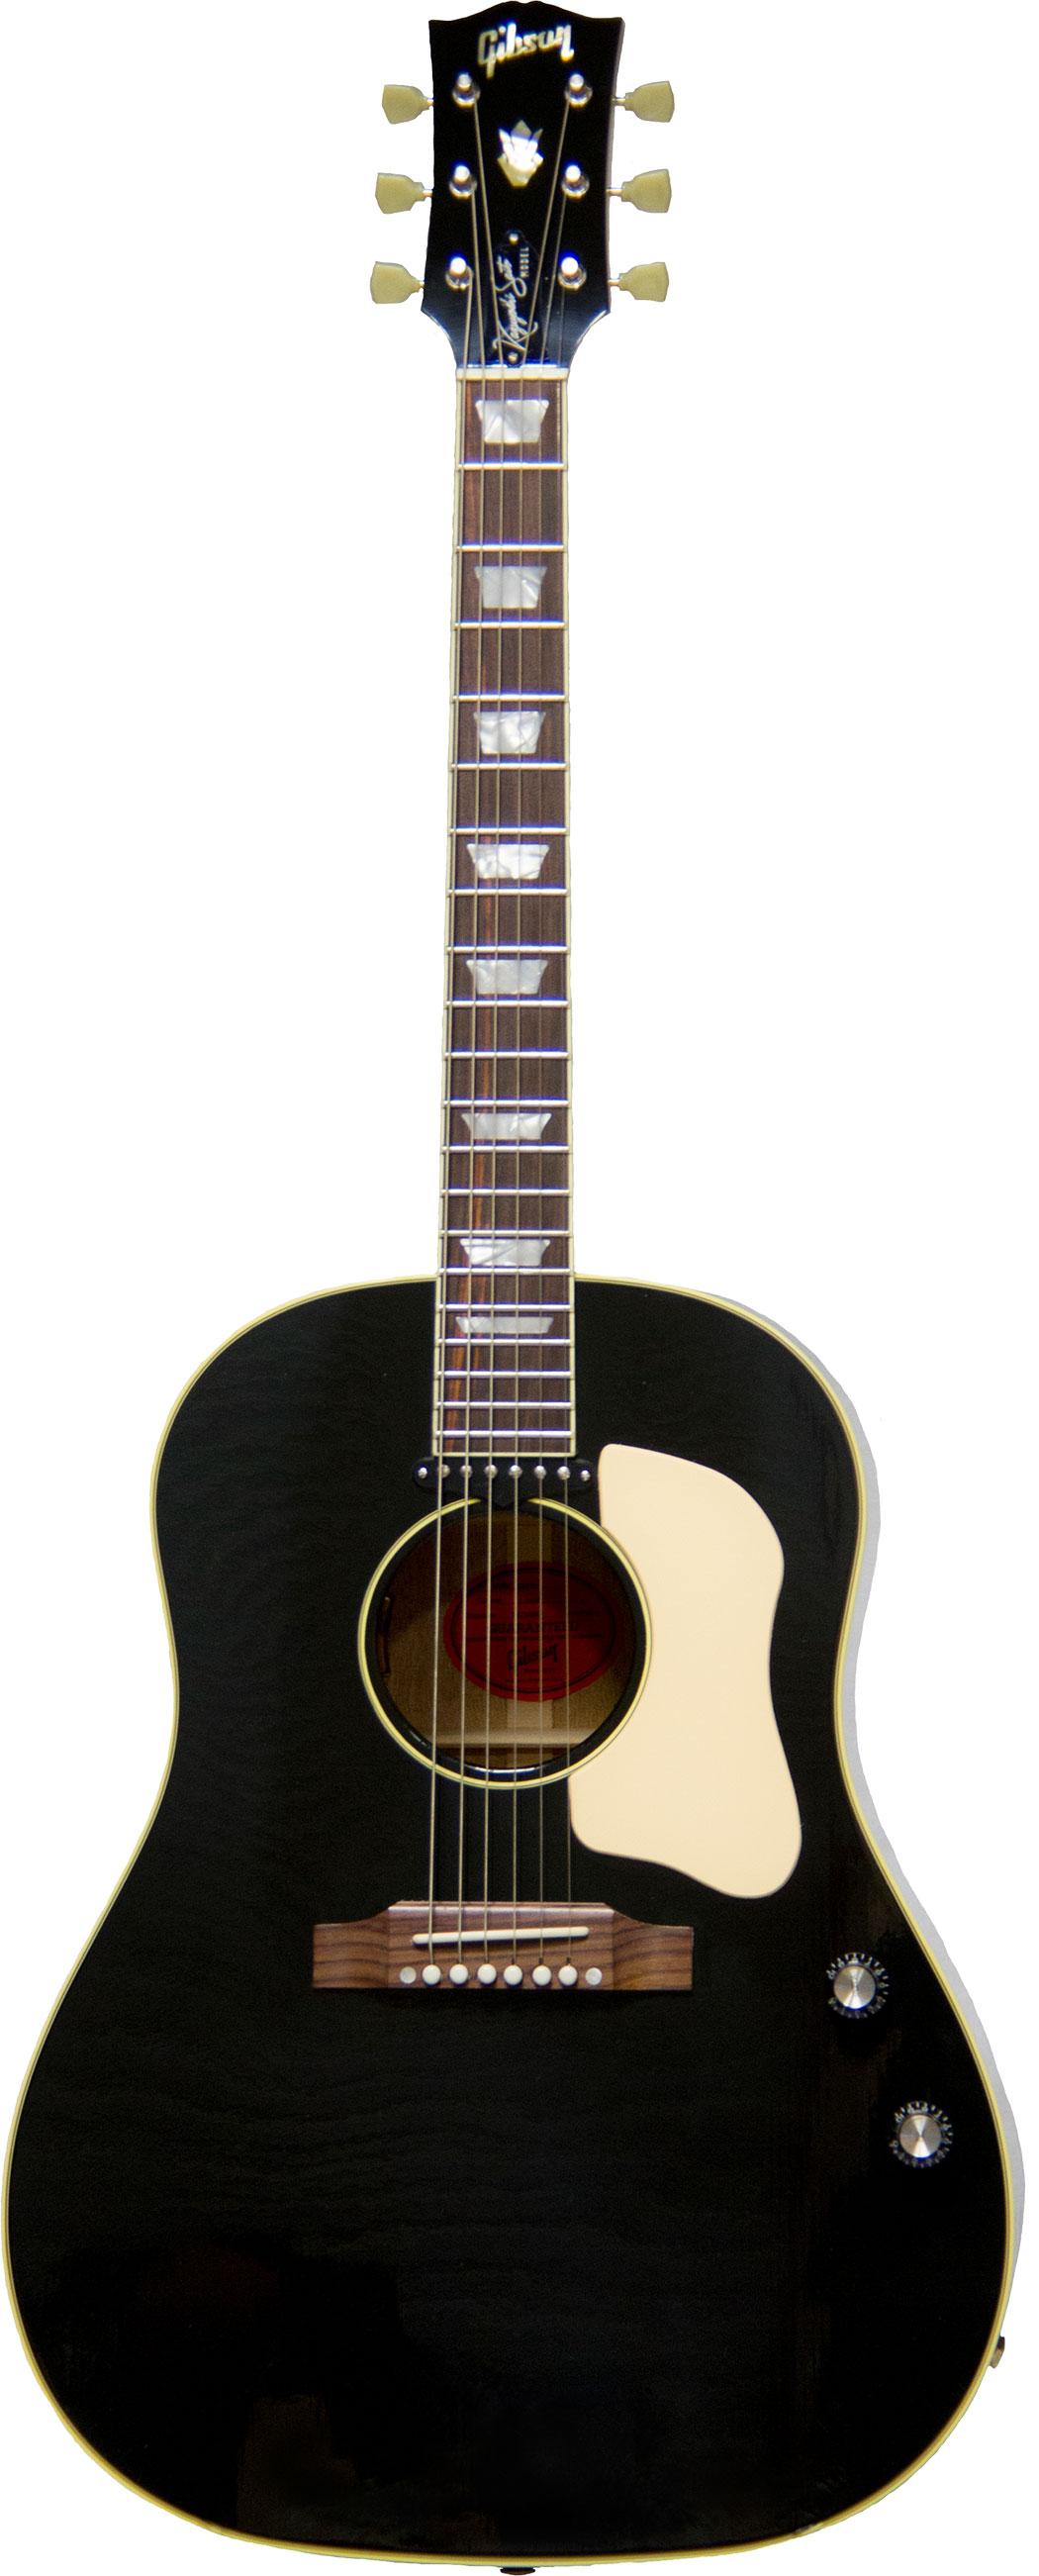 Gibson Acoustic Kazuyoshi Saito J-160E ギター写真